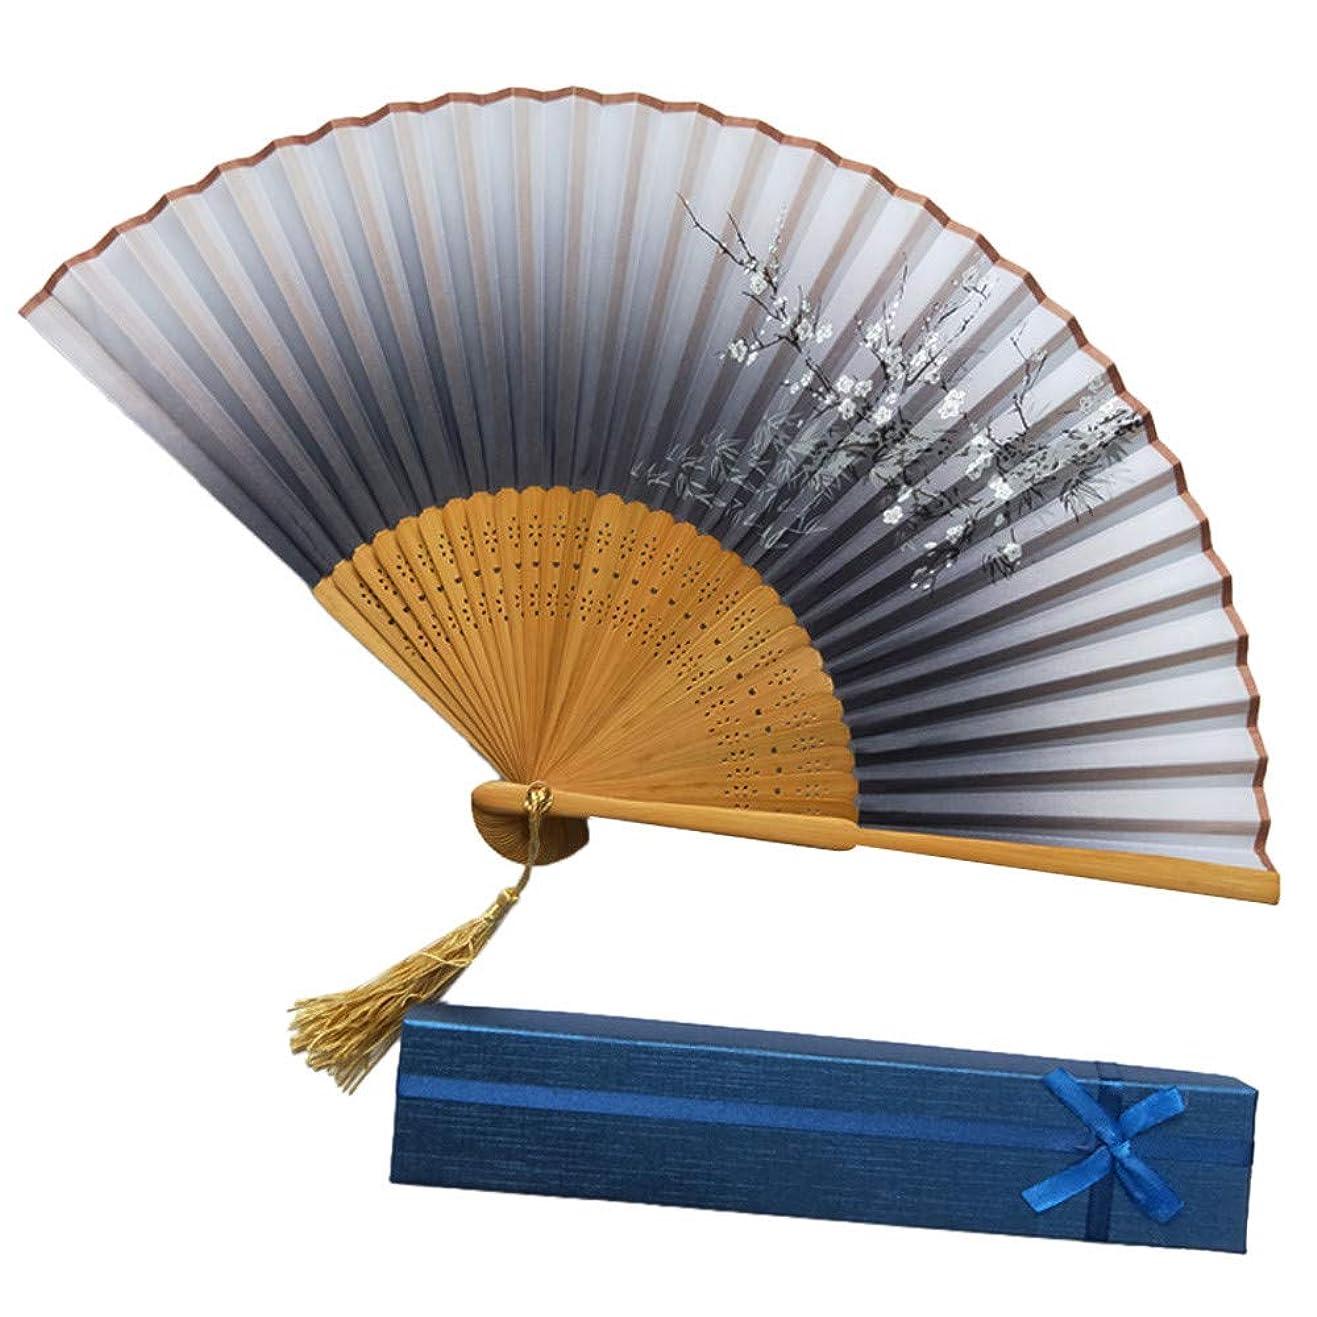 うぬぼれジェット君主ユニセックス扇子 、高級 折りたたみ式 竹製工芸品扇おしゃれ 和装小物浴衣上品 花火大会 着物 装飾 華やか 歌舞伎小物道具扇子 (K)